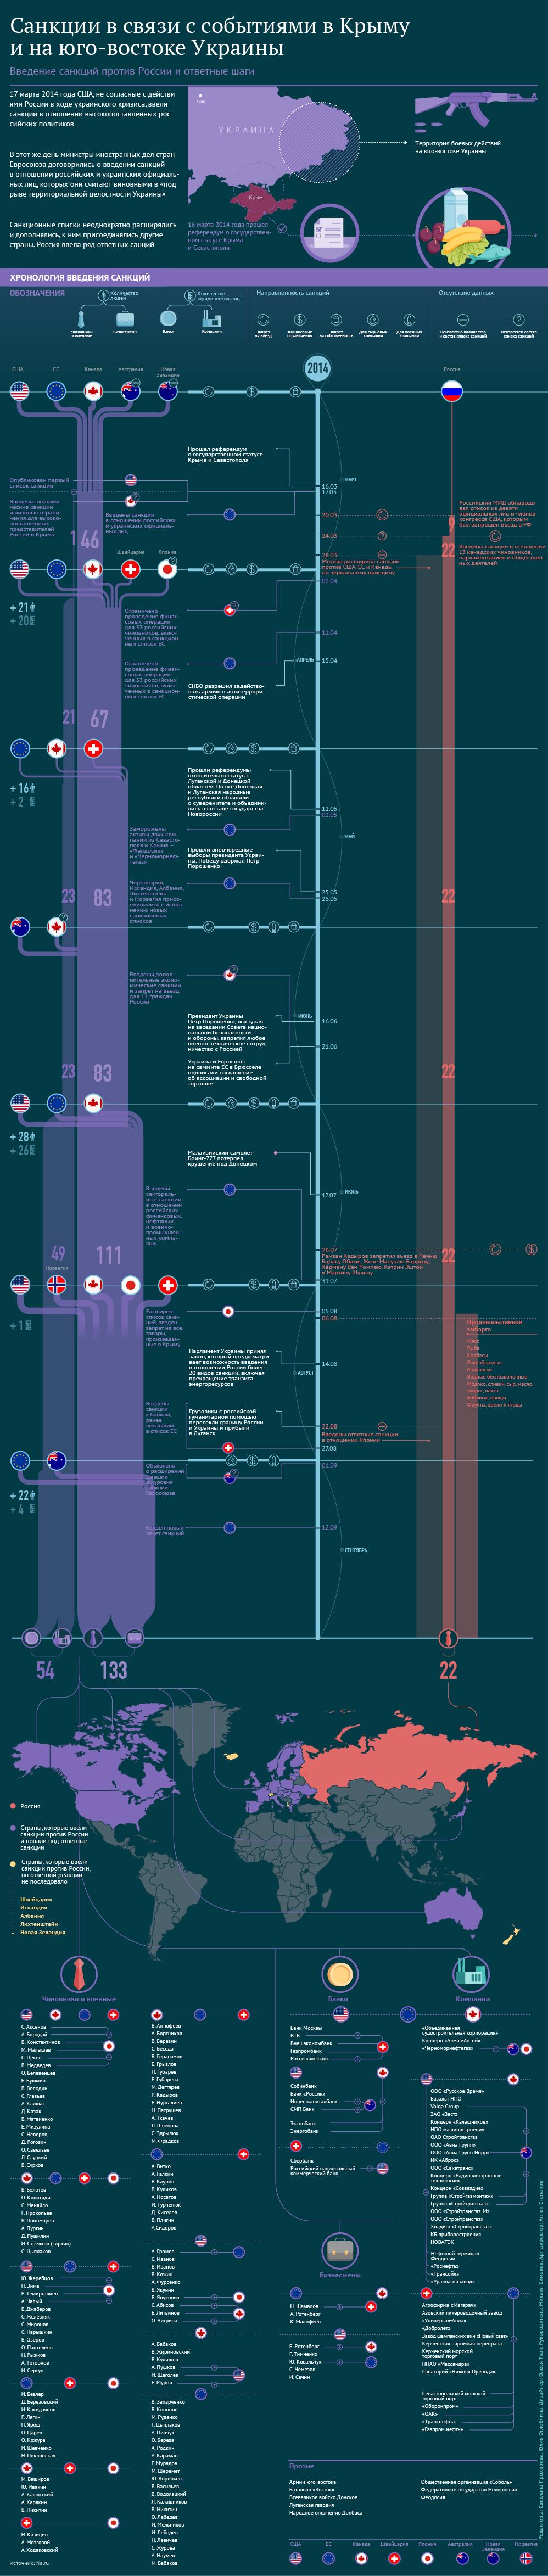 Хронология введения санкций - Изображение 1